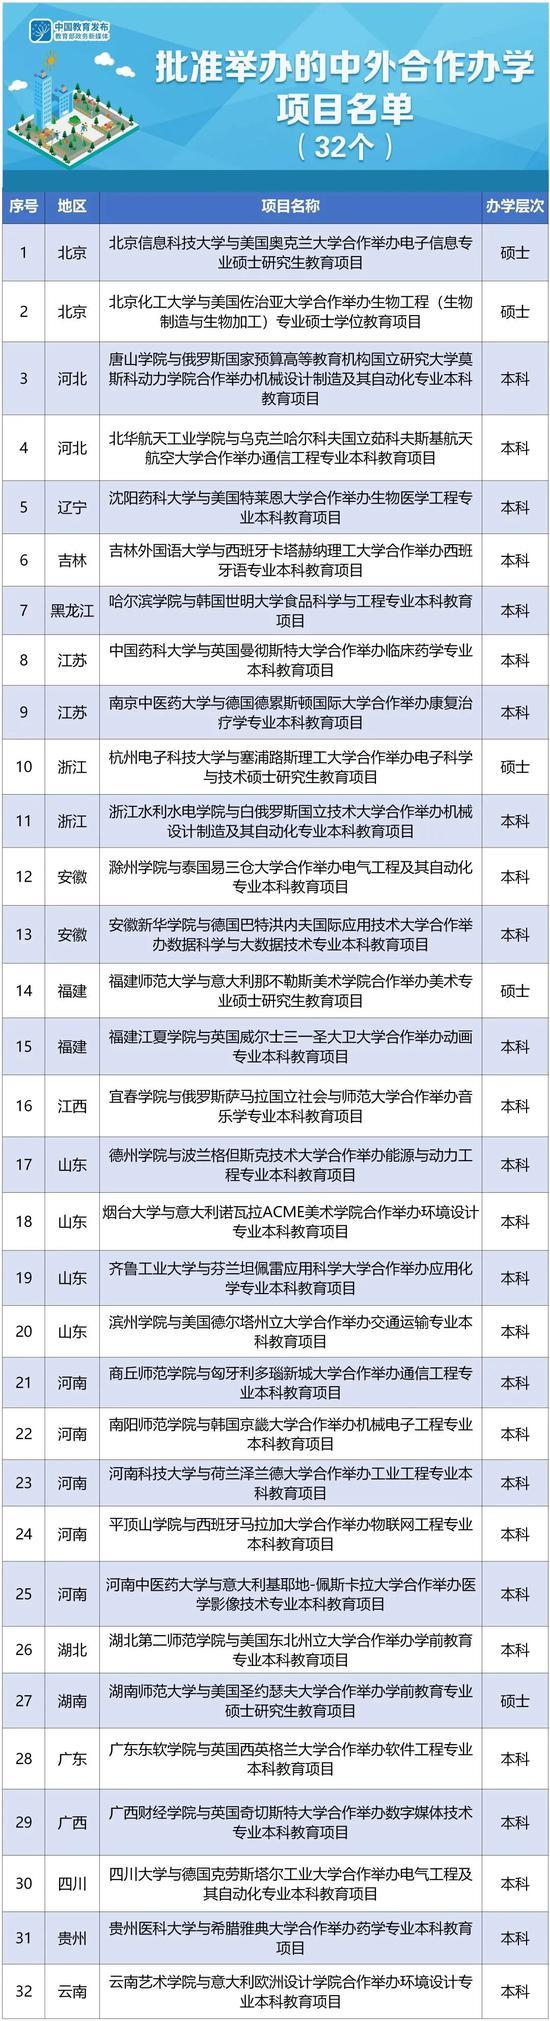 教育部新批准32个中外合作办学项目湖南有1个,2021年起可招生